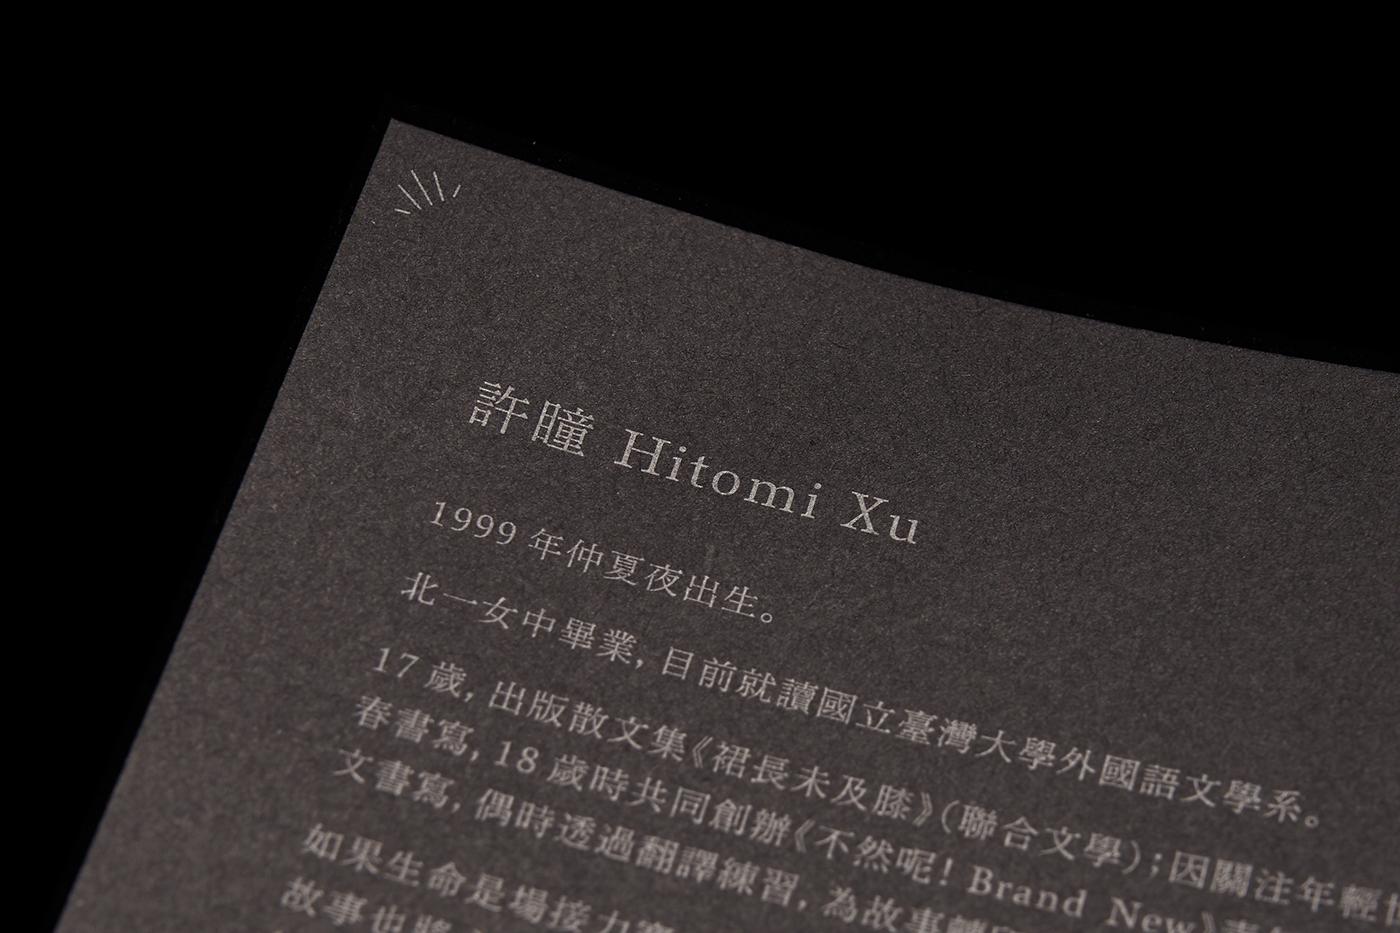 Image may contain: book and menu